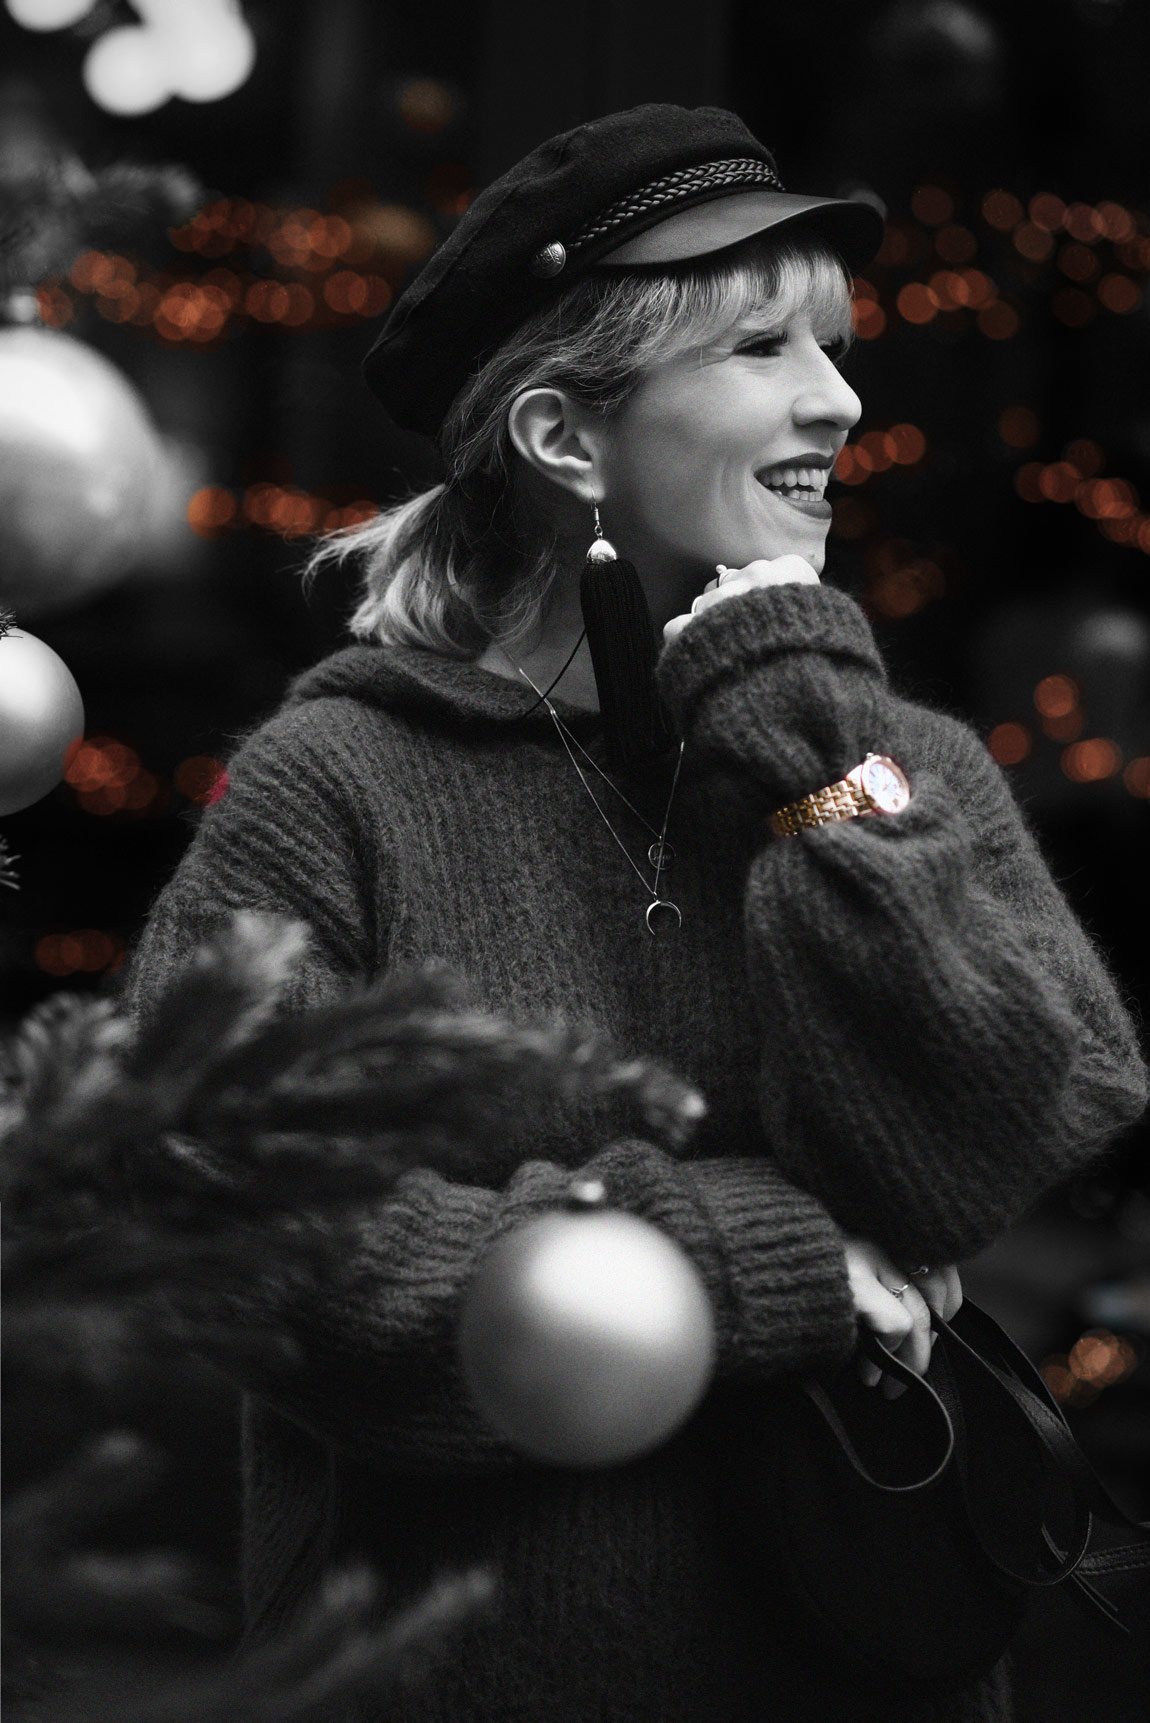 uhr, zeit, zalando, geschenkidee, giftguide, weihnachten, einstein, relativitätstheorie, fashionblogger, modeblogger, münchen, lifestyle, rosegold, festina